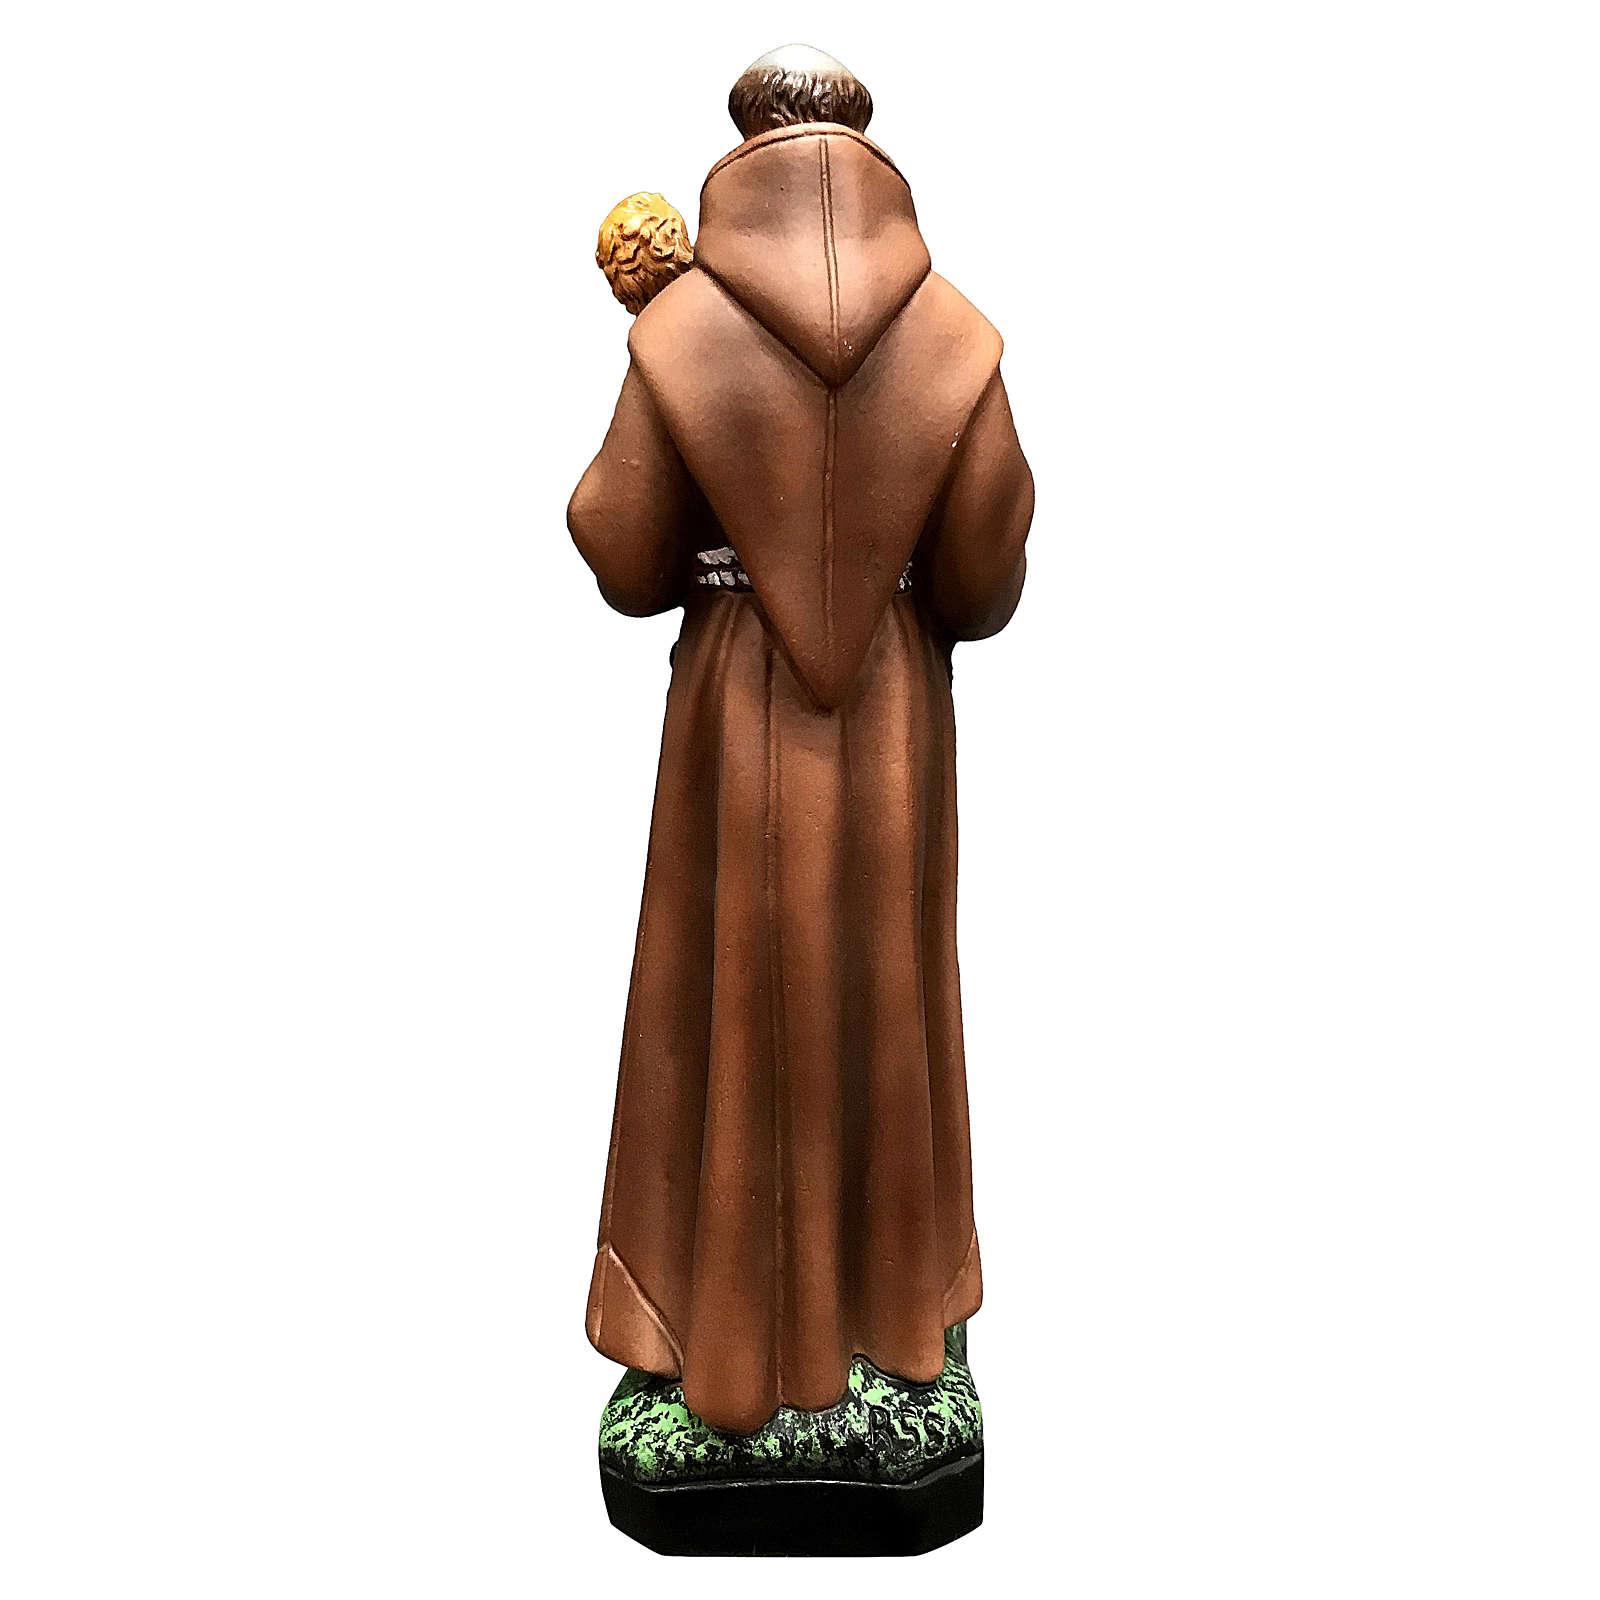 Statue Saint Antoine 25 cm résine colorée 4